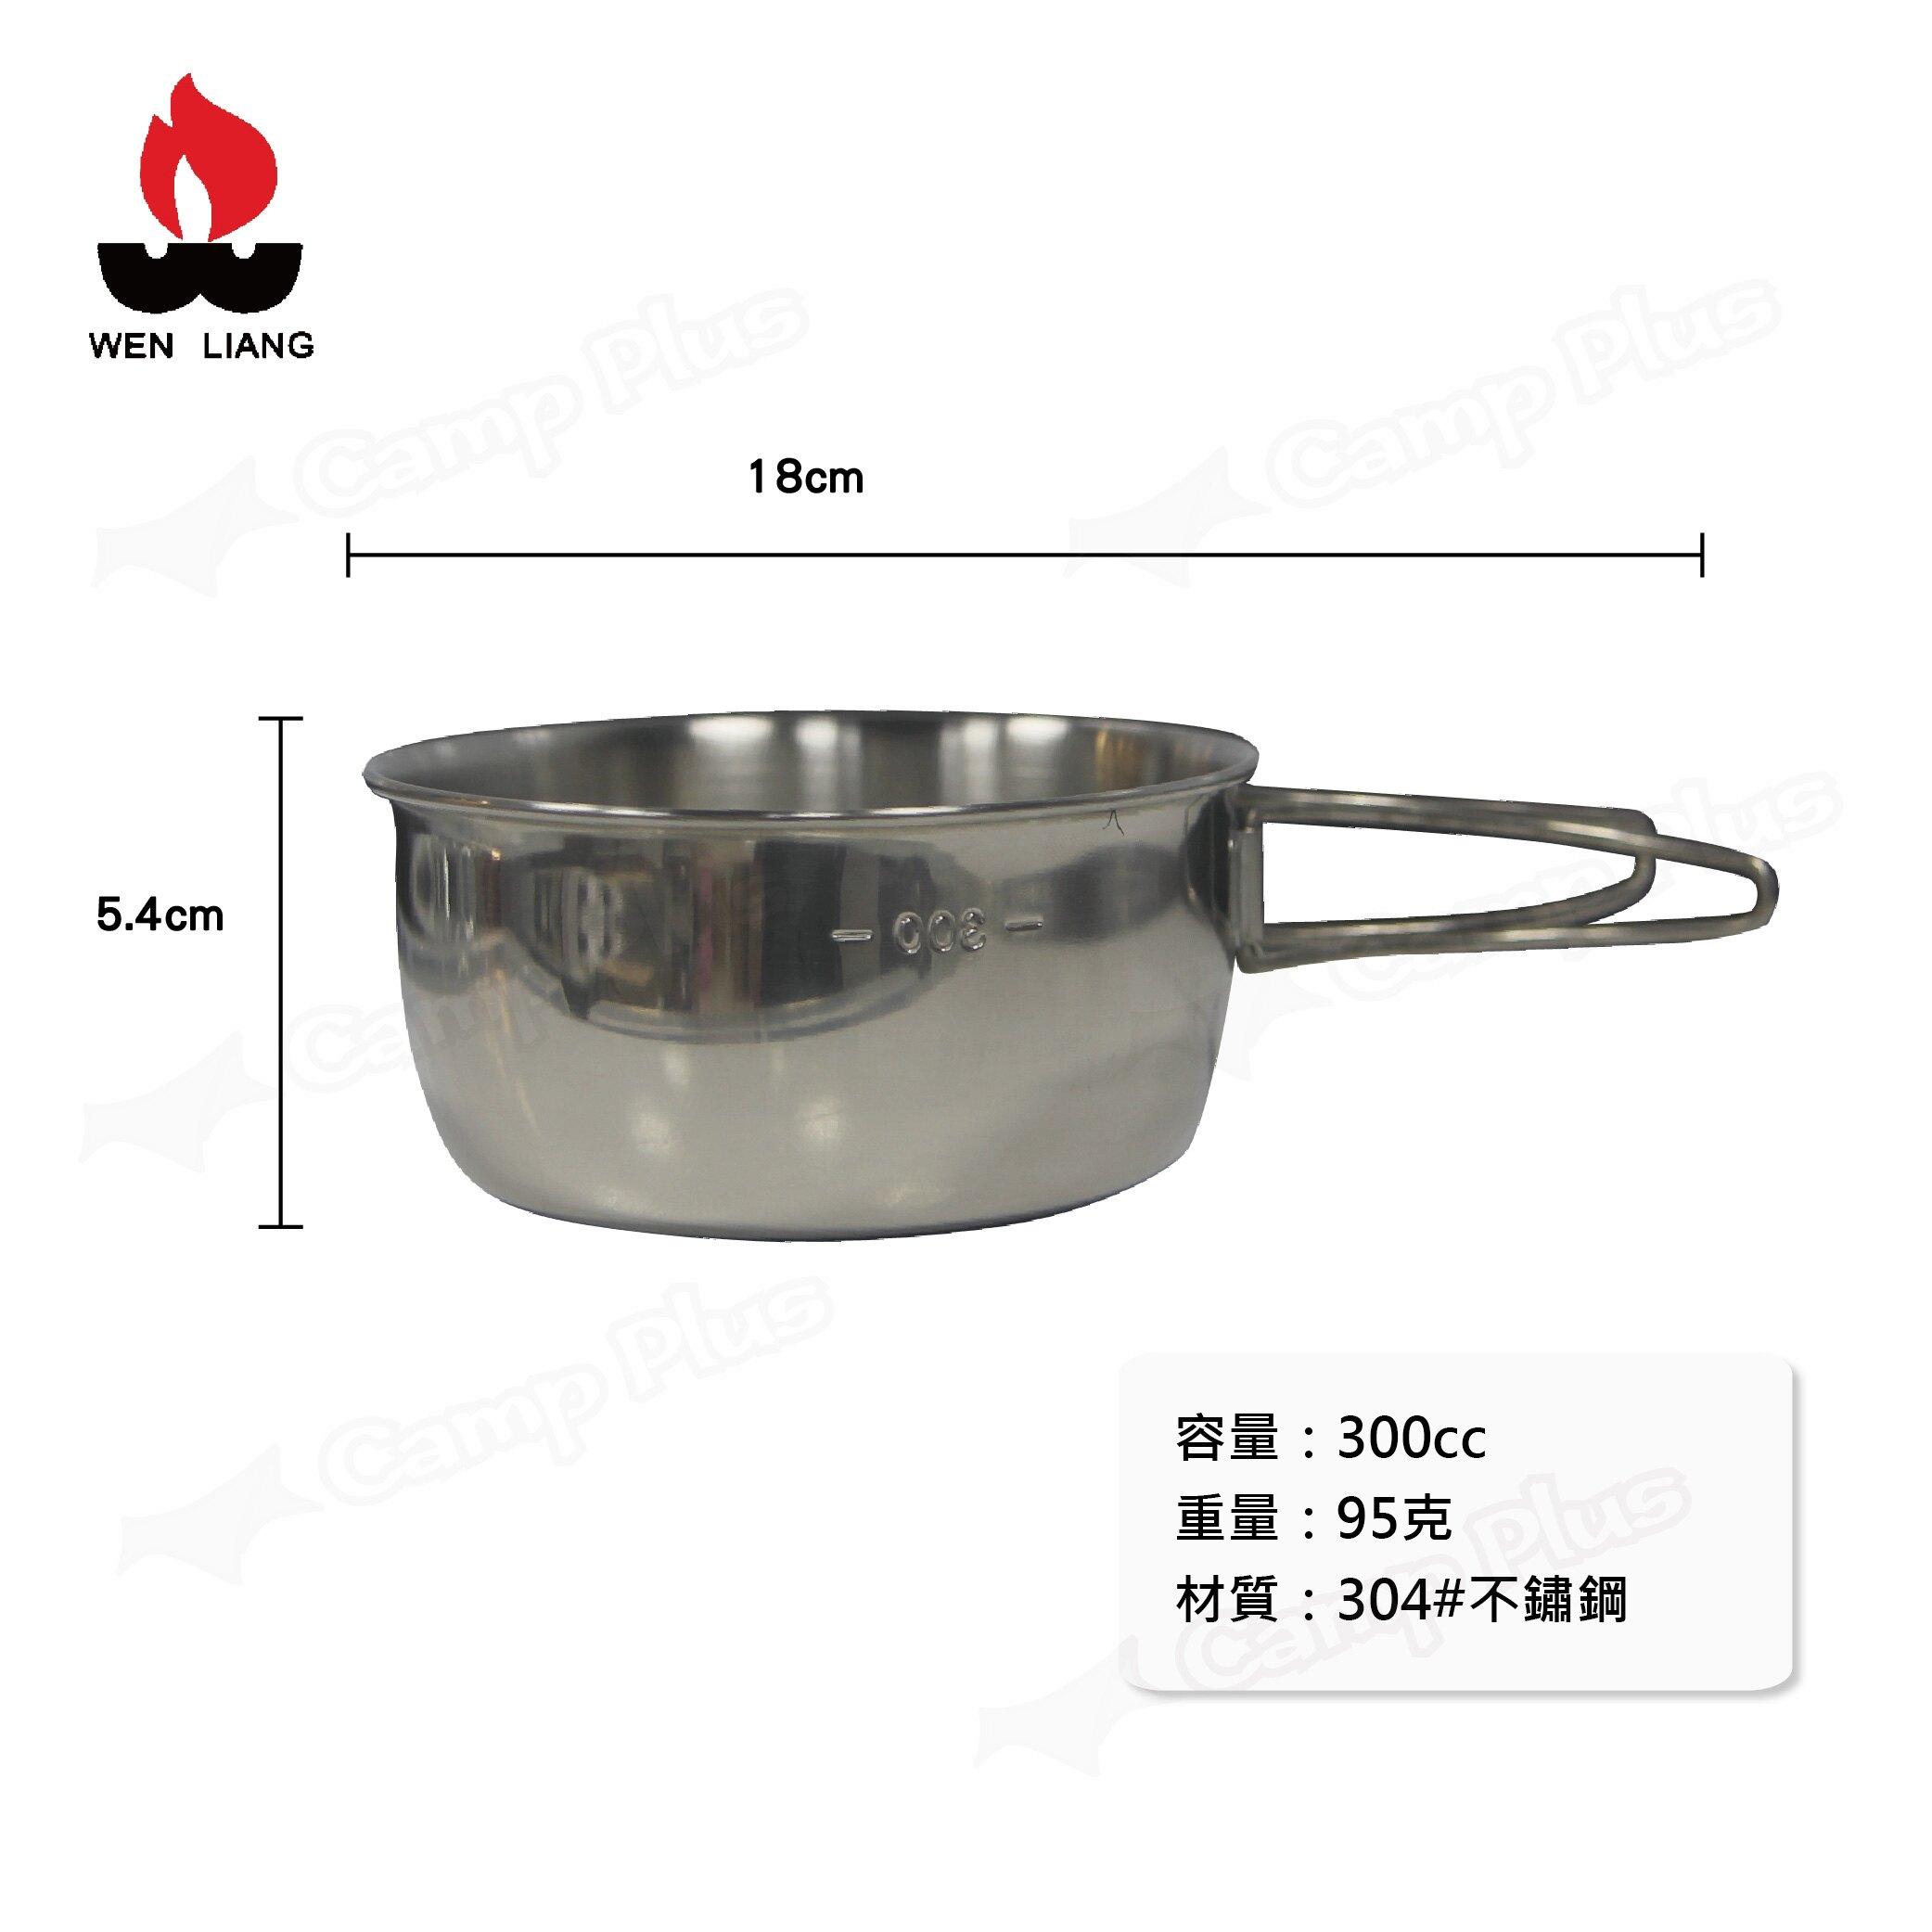 【現貨供應】文樑 不鏽鋼碗 300cc ST-2022 304 不銹鋼 露營 登山 野炊 鍋具 碗盤